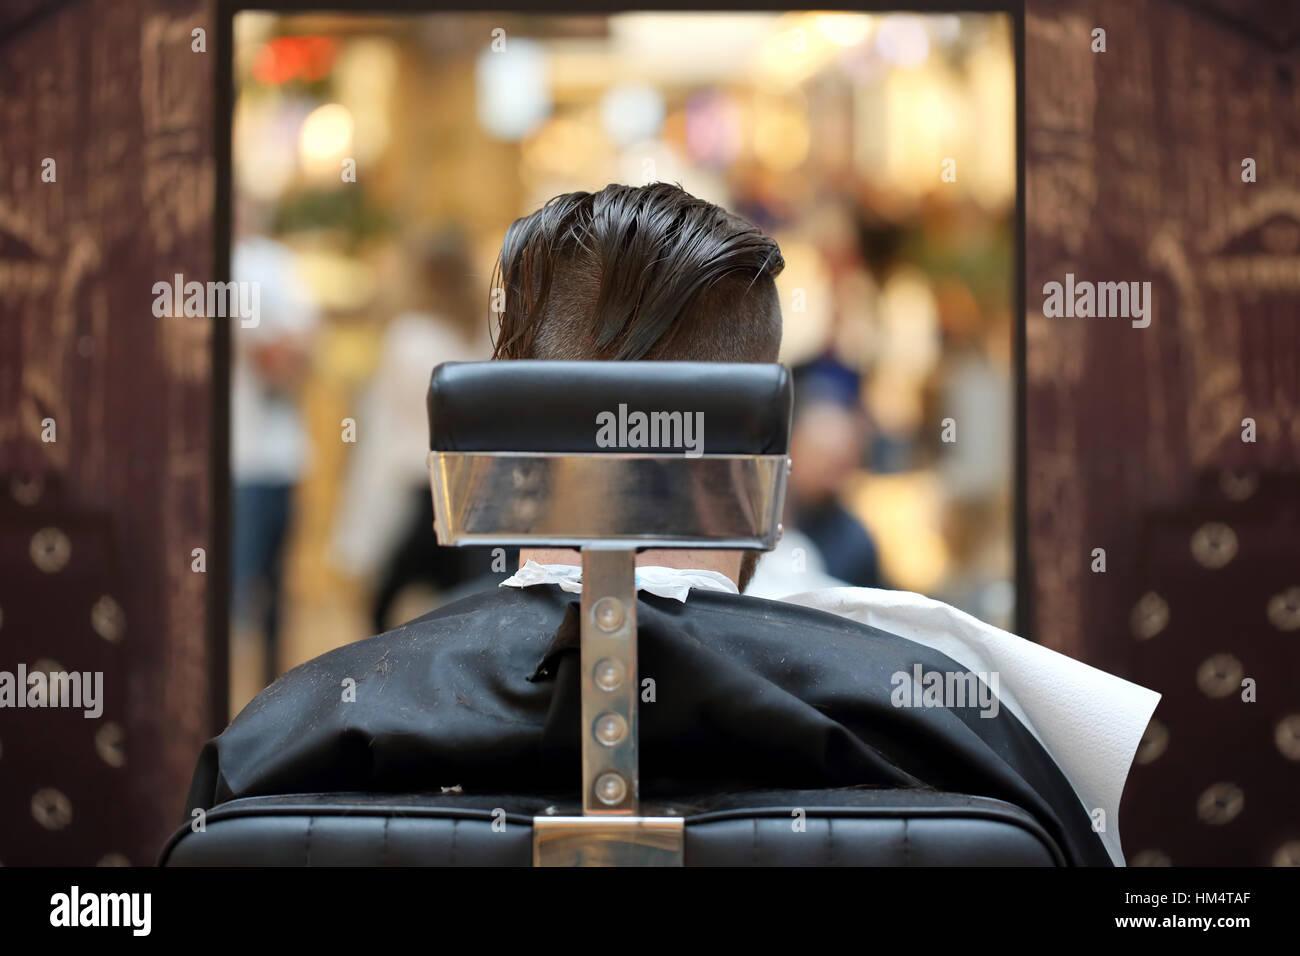 Le client dans le salon de coiffure assis sur une chaise Photo Stock